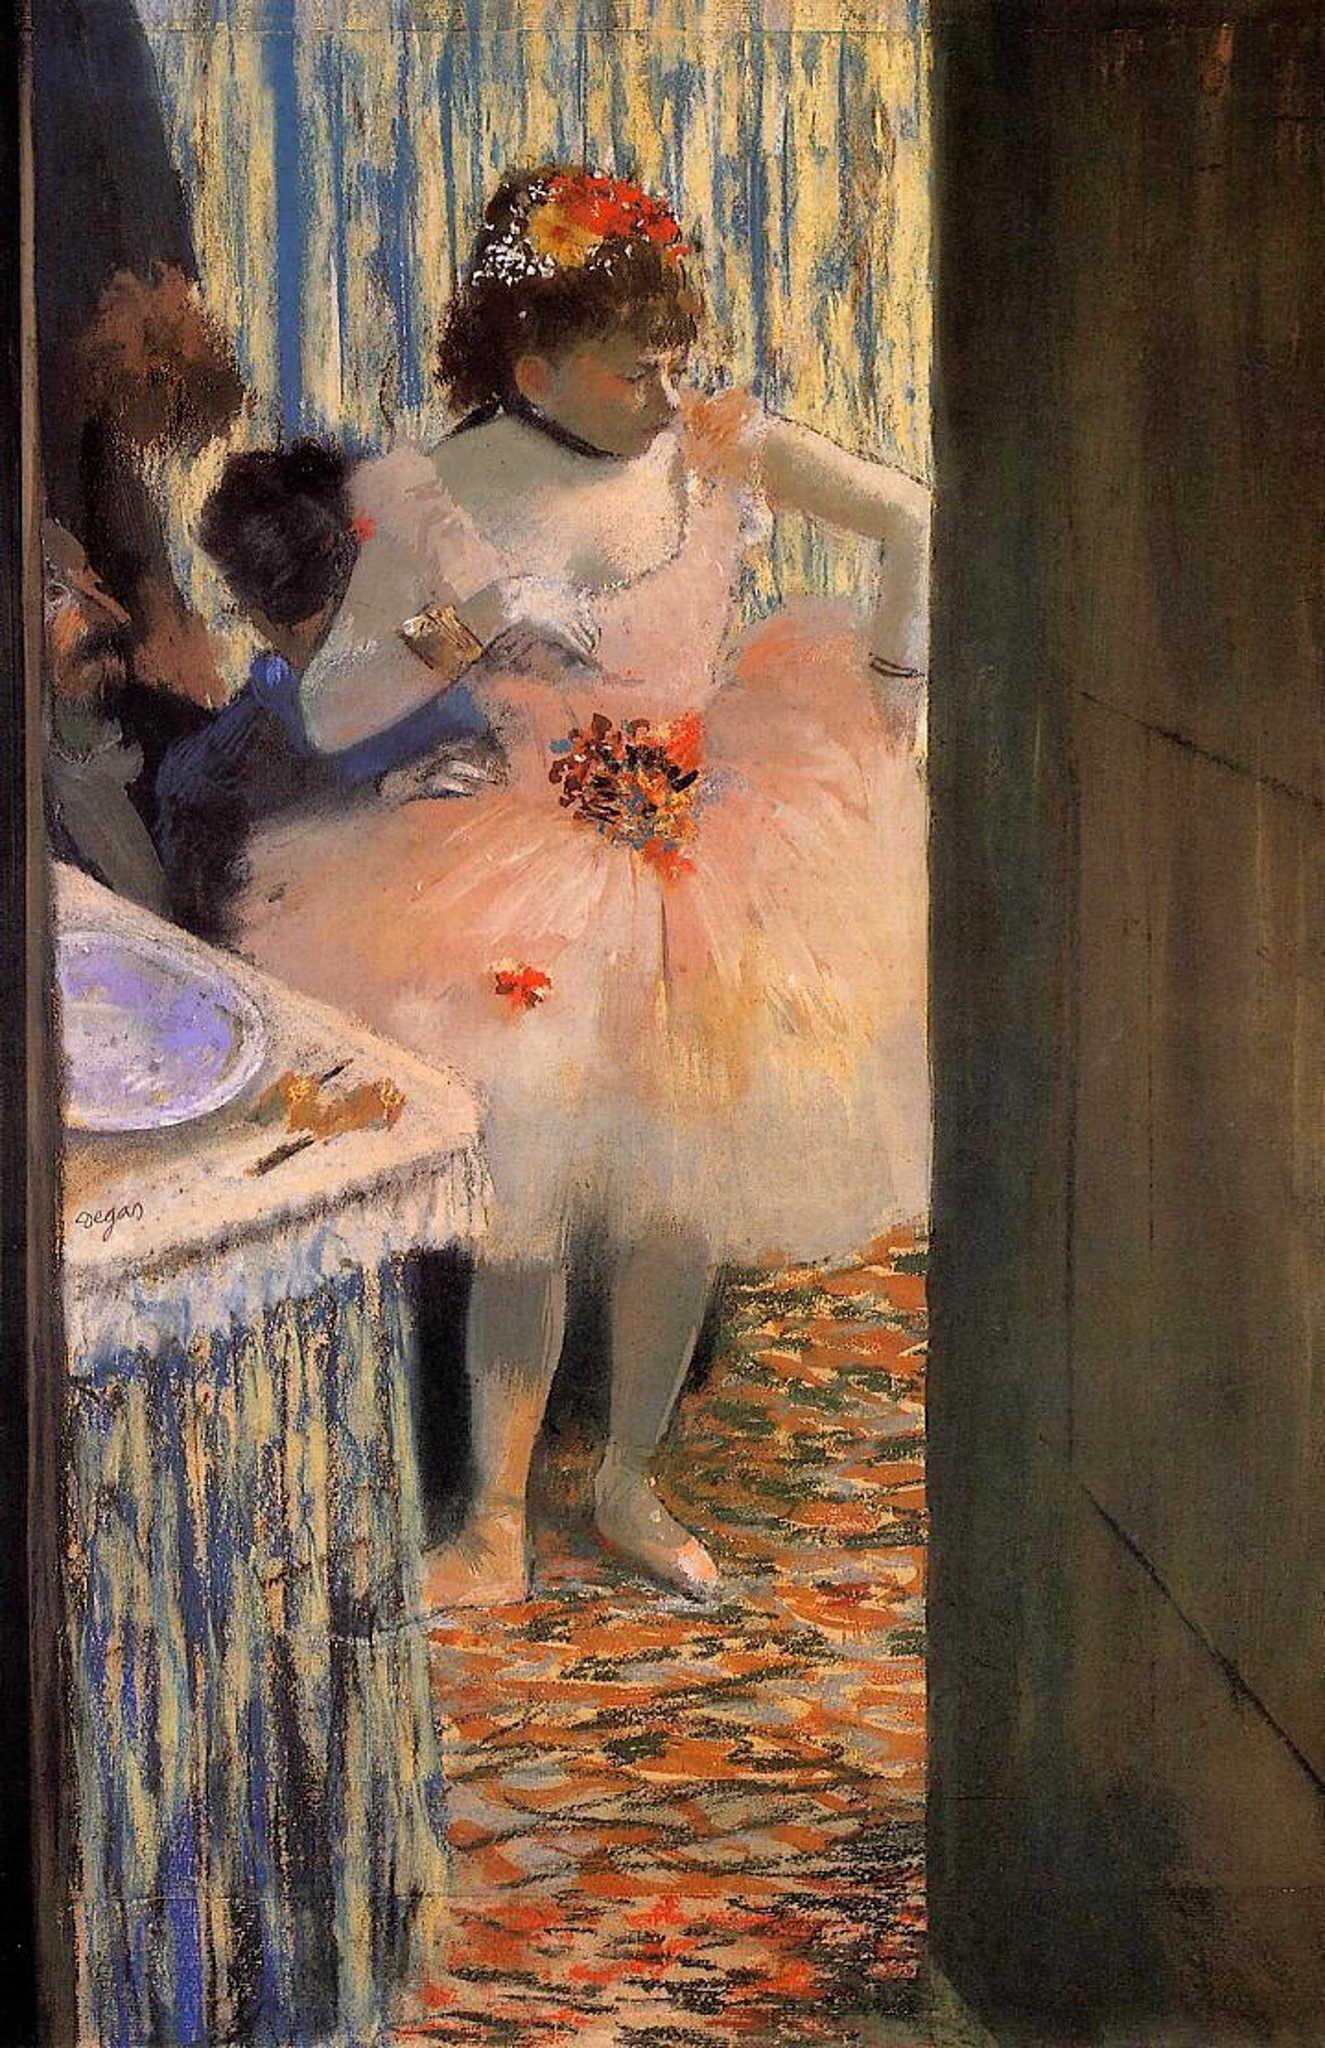 На картинах художника балерины далеко не всегда изящны Эдгар Дега «Танцовщица в своей гримерной», 1880 год Местонахождение: Фонд Оскара Рейарта, Винтертурец, Швейцария